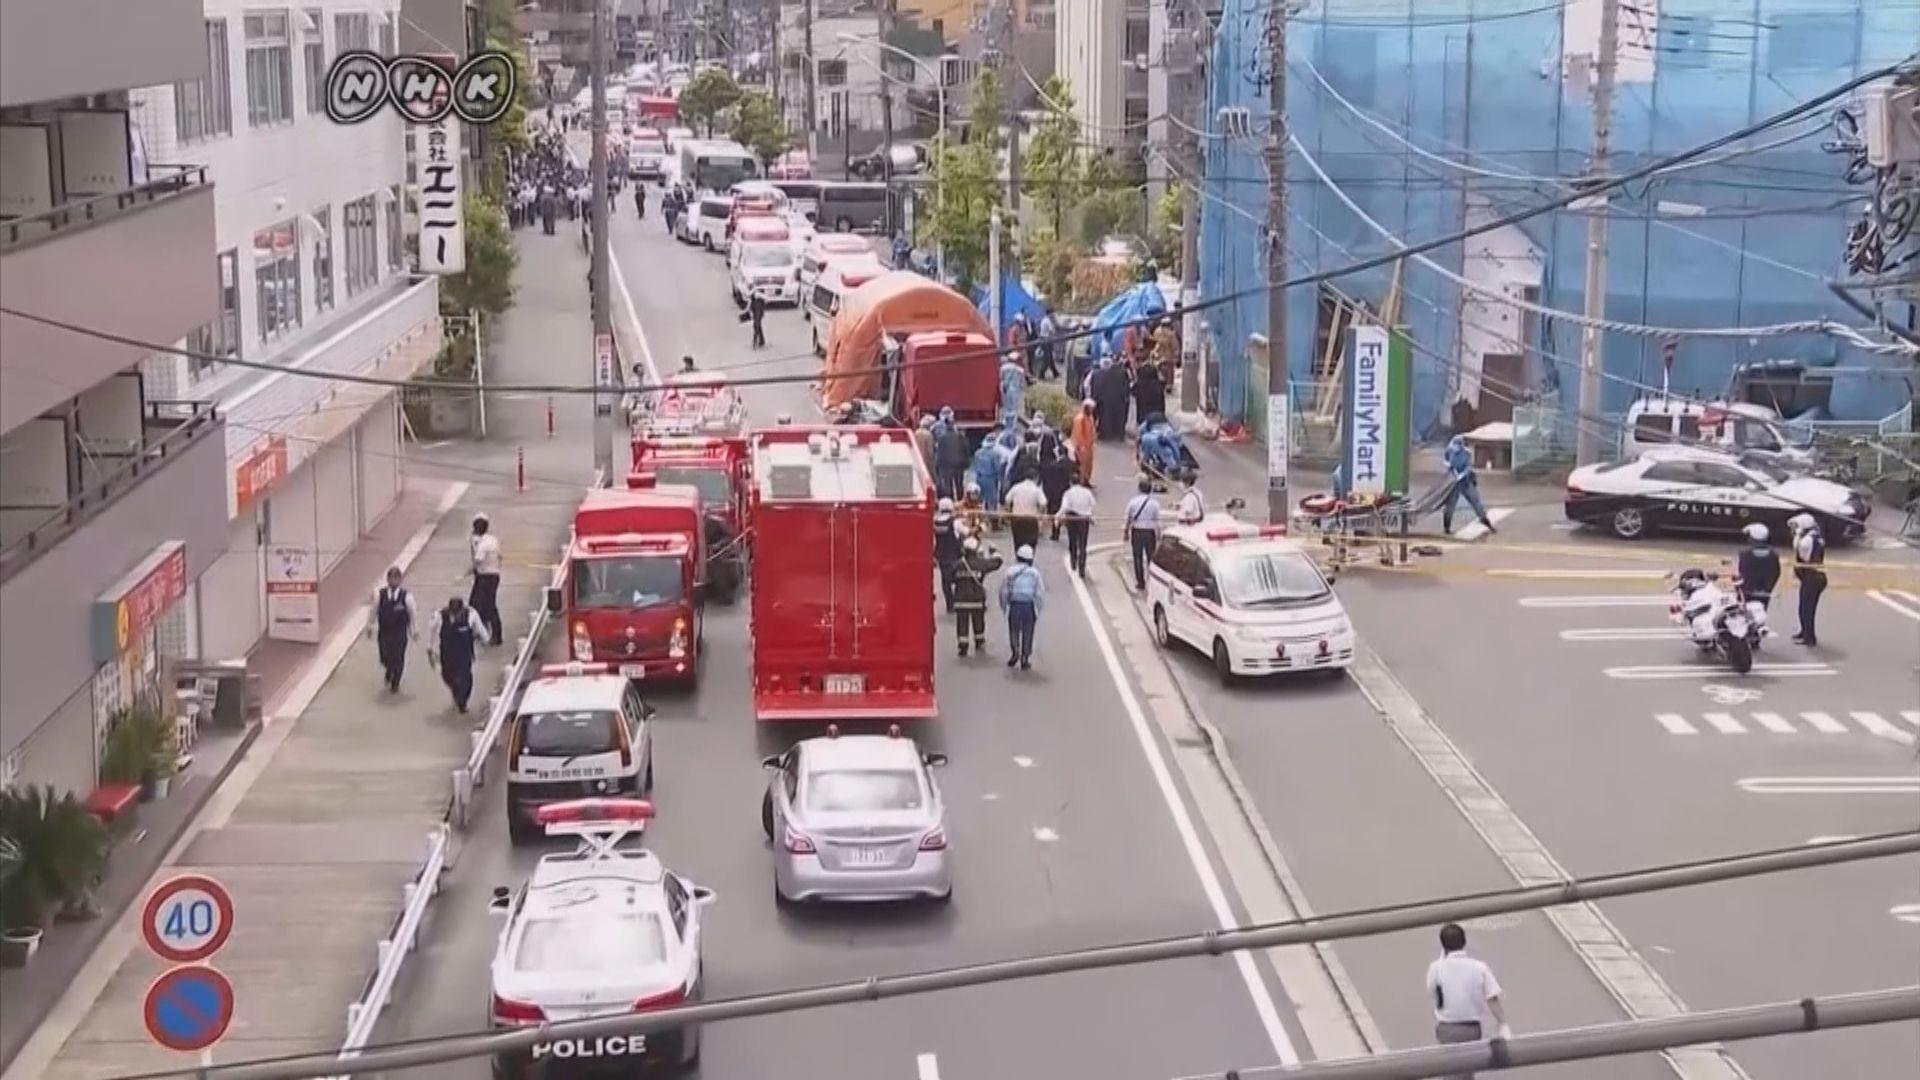 日本川崎市襲擊 消息指疑犯戴手套犯案